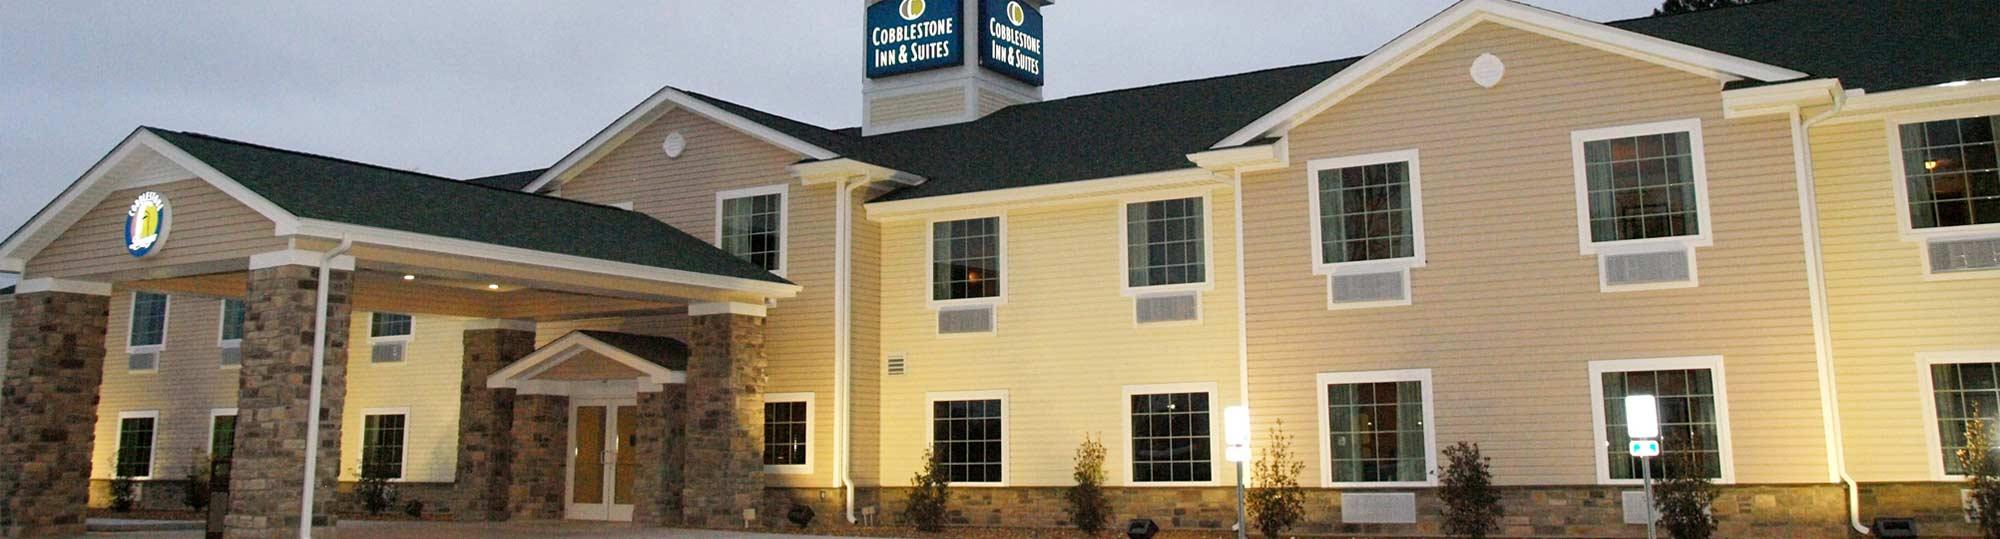 Cobblestone Inn and Suites Vinton